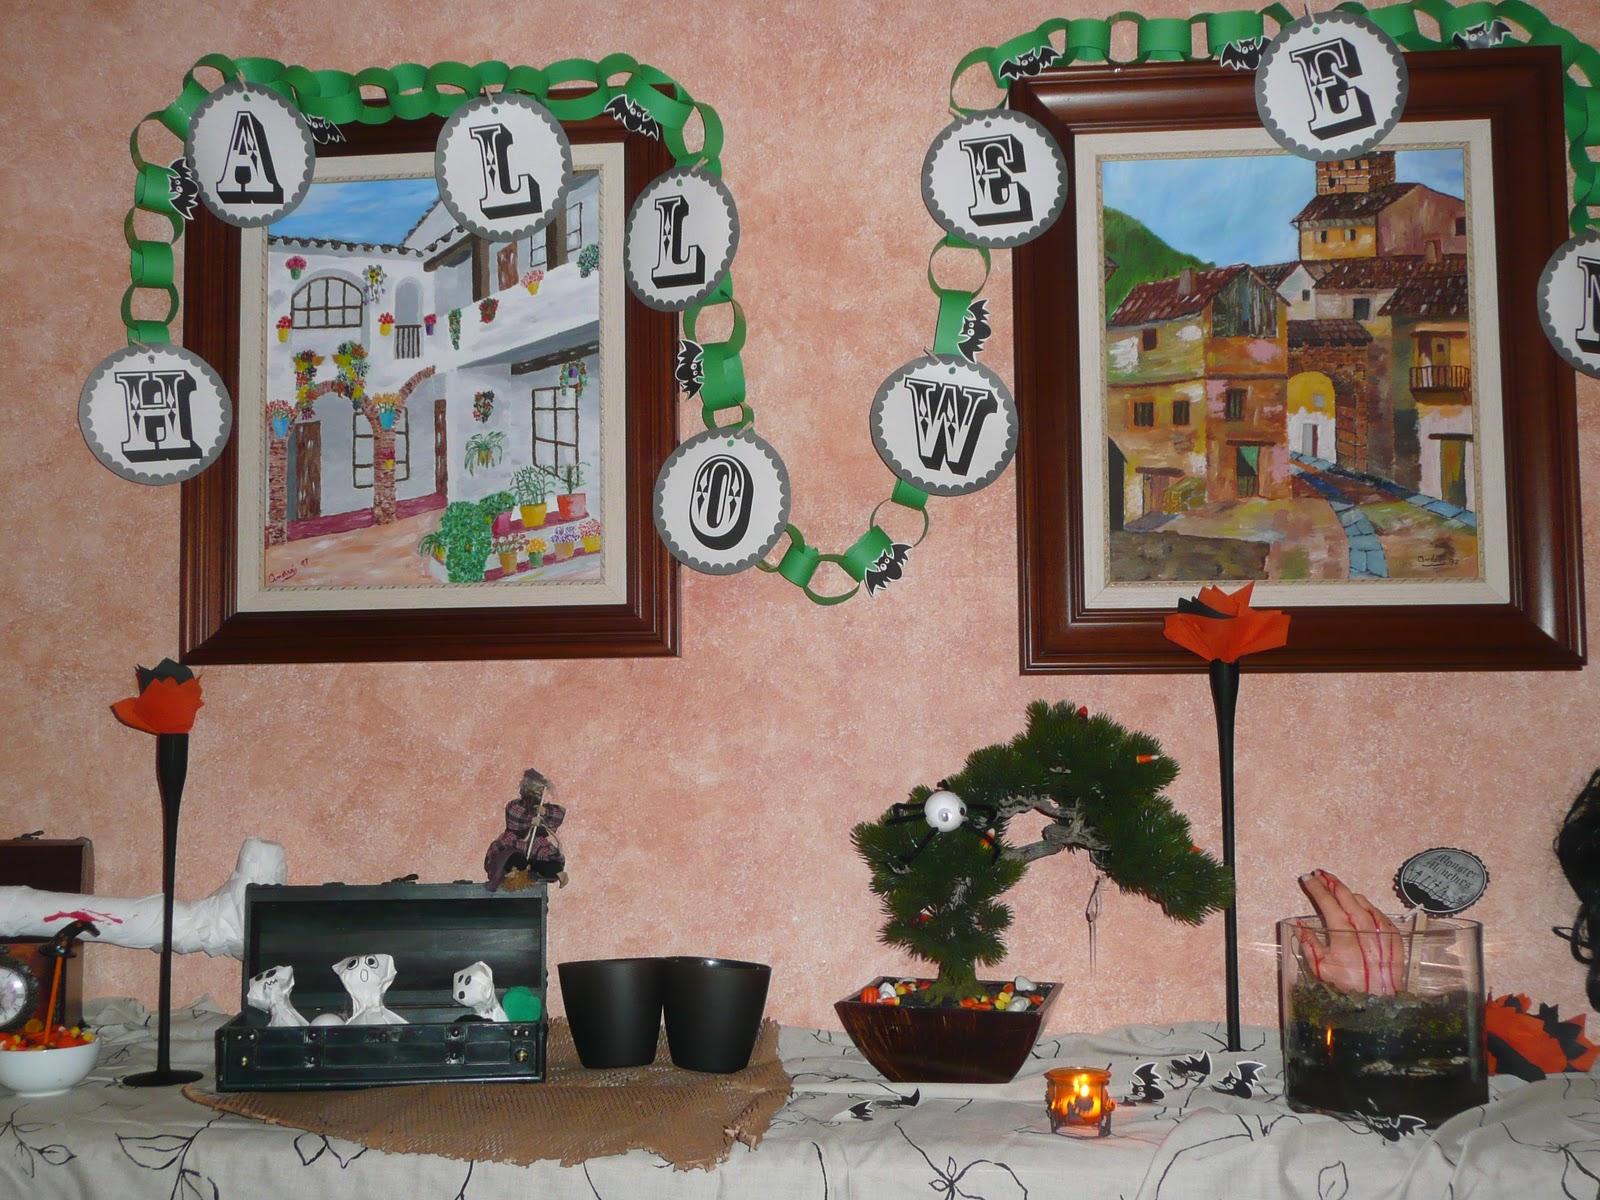 La datilera decoraci n barata halloween for Decoracion barata